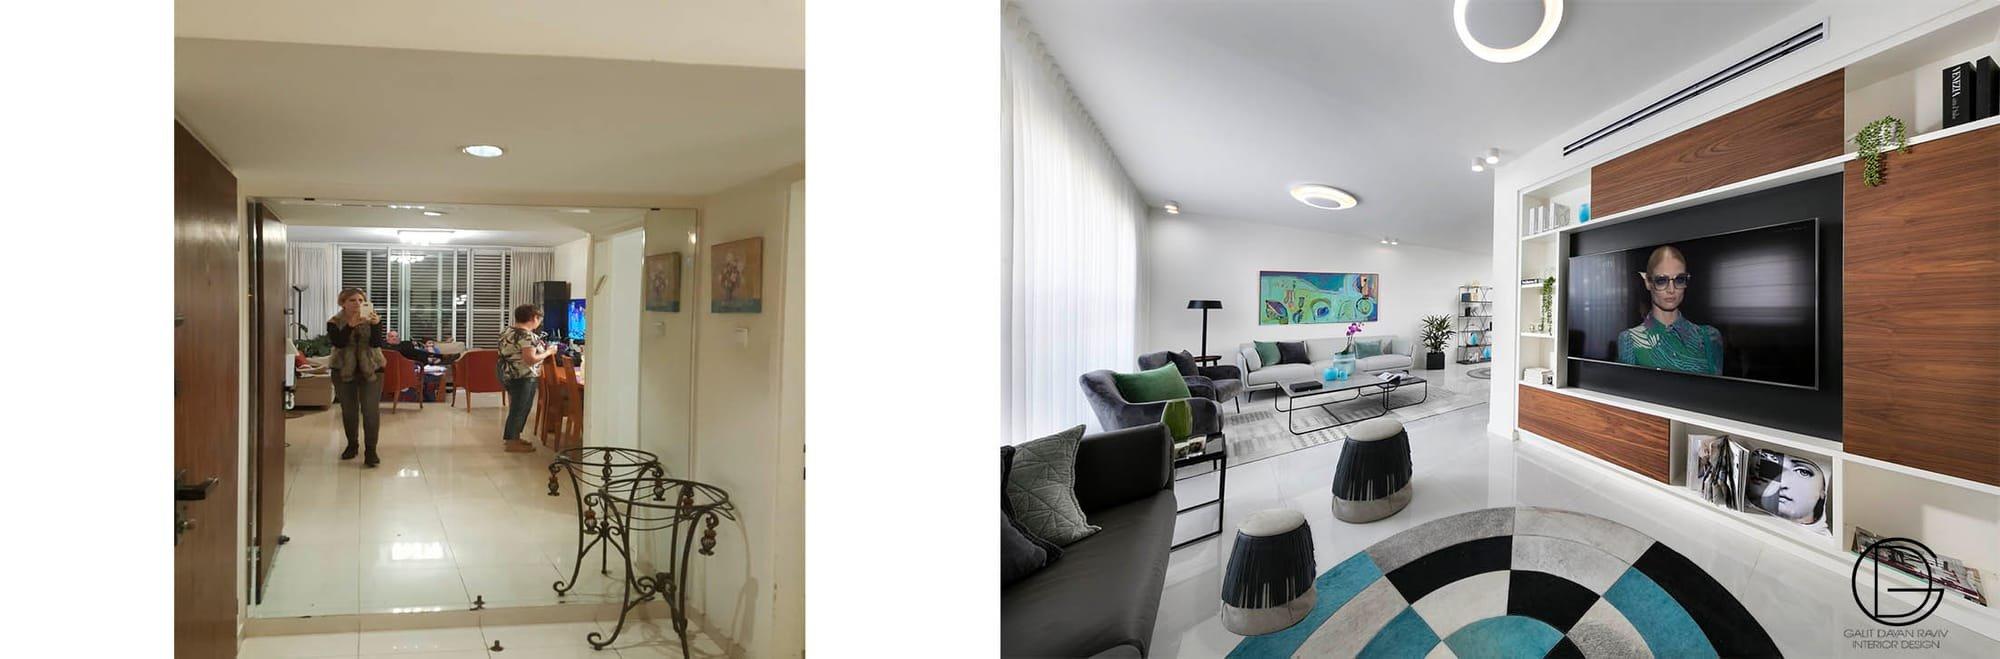 תמונות הסלון לפני ואחרי השיפוץ